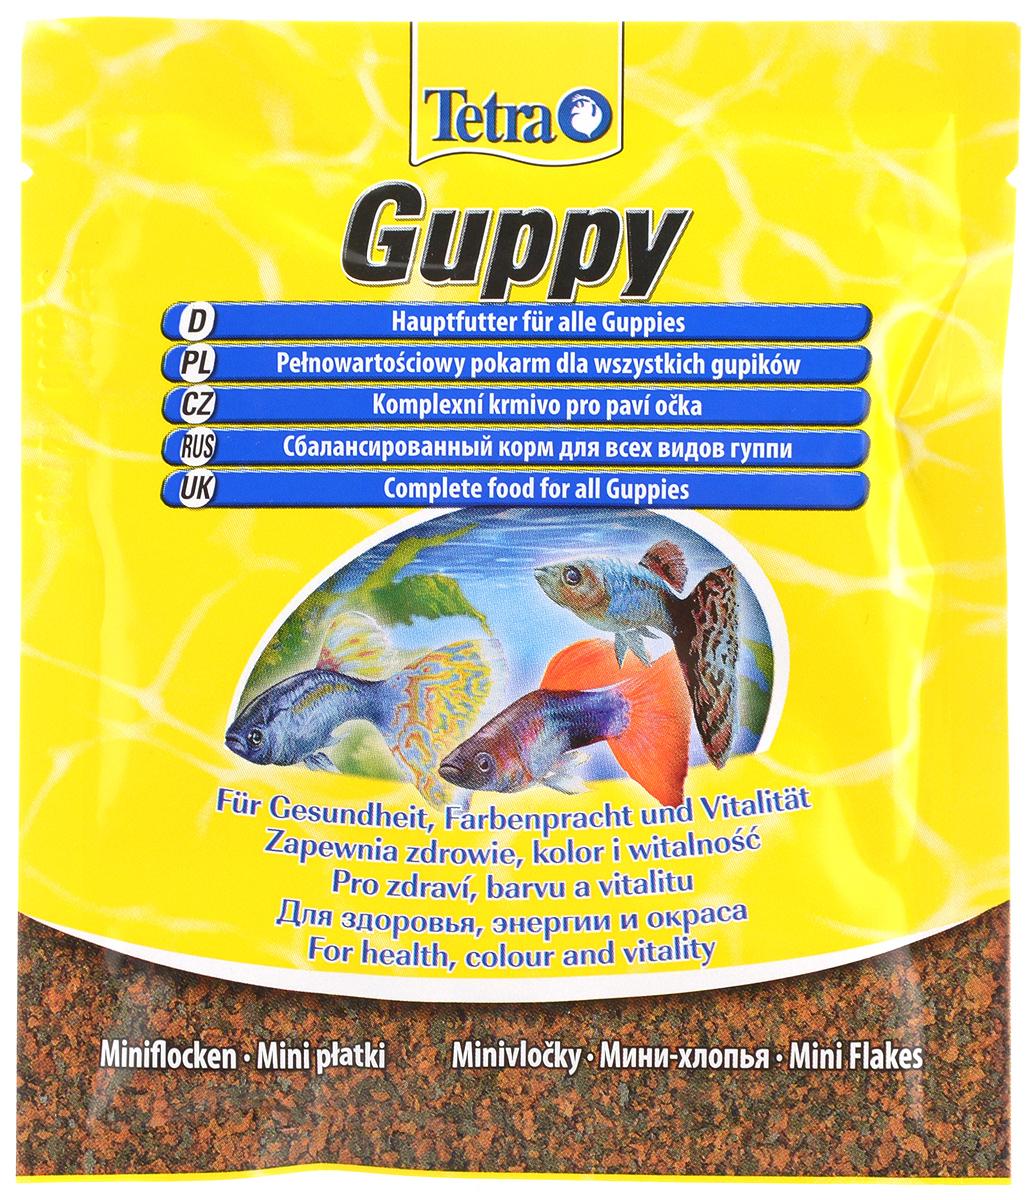 Корм для гуппи Tetra Guppy, мини-хлопья, 12 г0120710Корм Tetra Guppy - сбалансированный корм в виде хлопьев для всехвидов гуппи и иных живородящих рыб. Высокое содержание растительных ингредиентов и минералов для улучшения вкусовых качеств и роста. Ежедневное употребление питательного состава способствует улучшению иммунитета и развитию организма. Кормить несколько раз в день маленькими порциями. Состав: экстракты растительного белка, зерновые культуры, дрожжи, моллюски и раки, масла и жиры, водоросли, сахар, минеральные вещества.Аналитические компоненты: сырой белок - 45%, сырые масла и жиры - 8%, сырая клетчатка - 4%, содержание влаги - 8%.Товар сертифицирован.